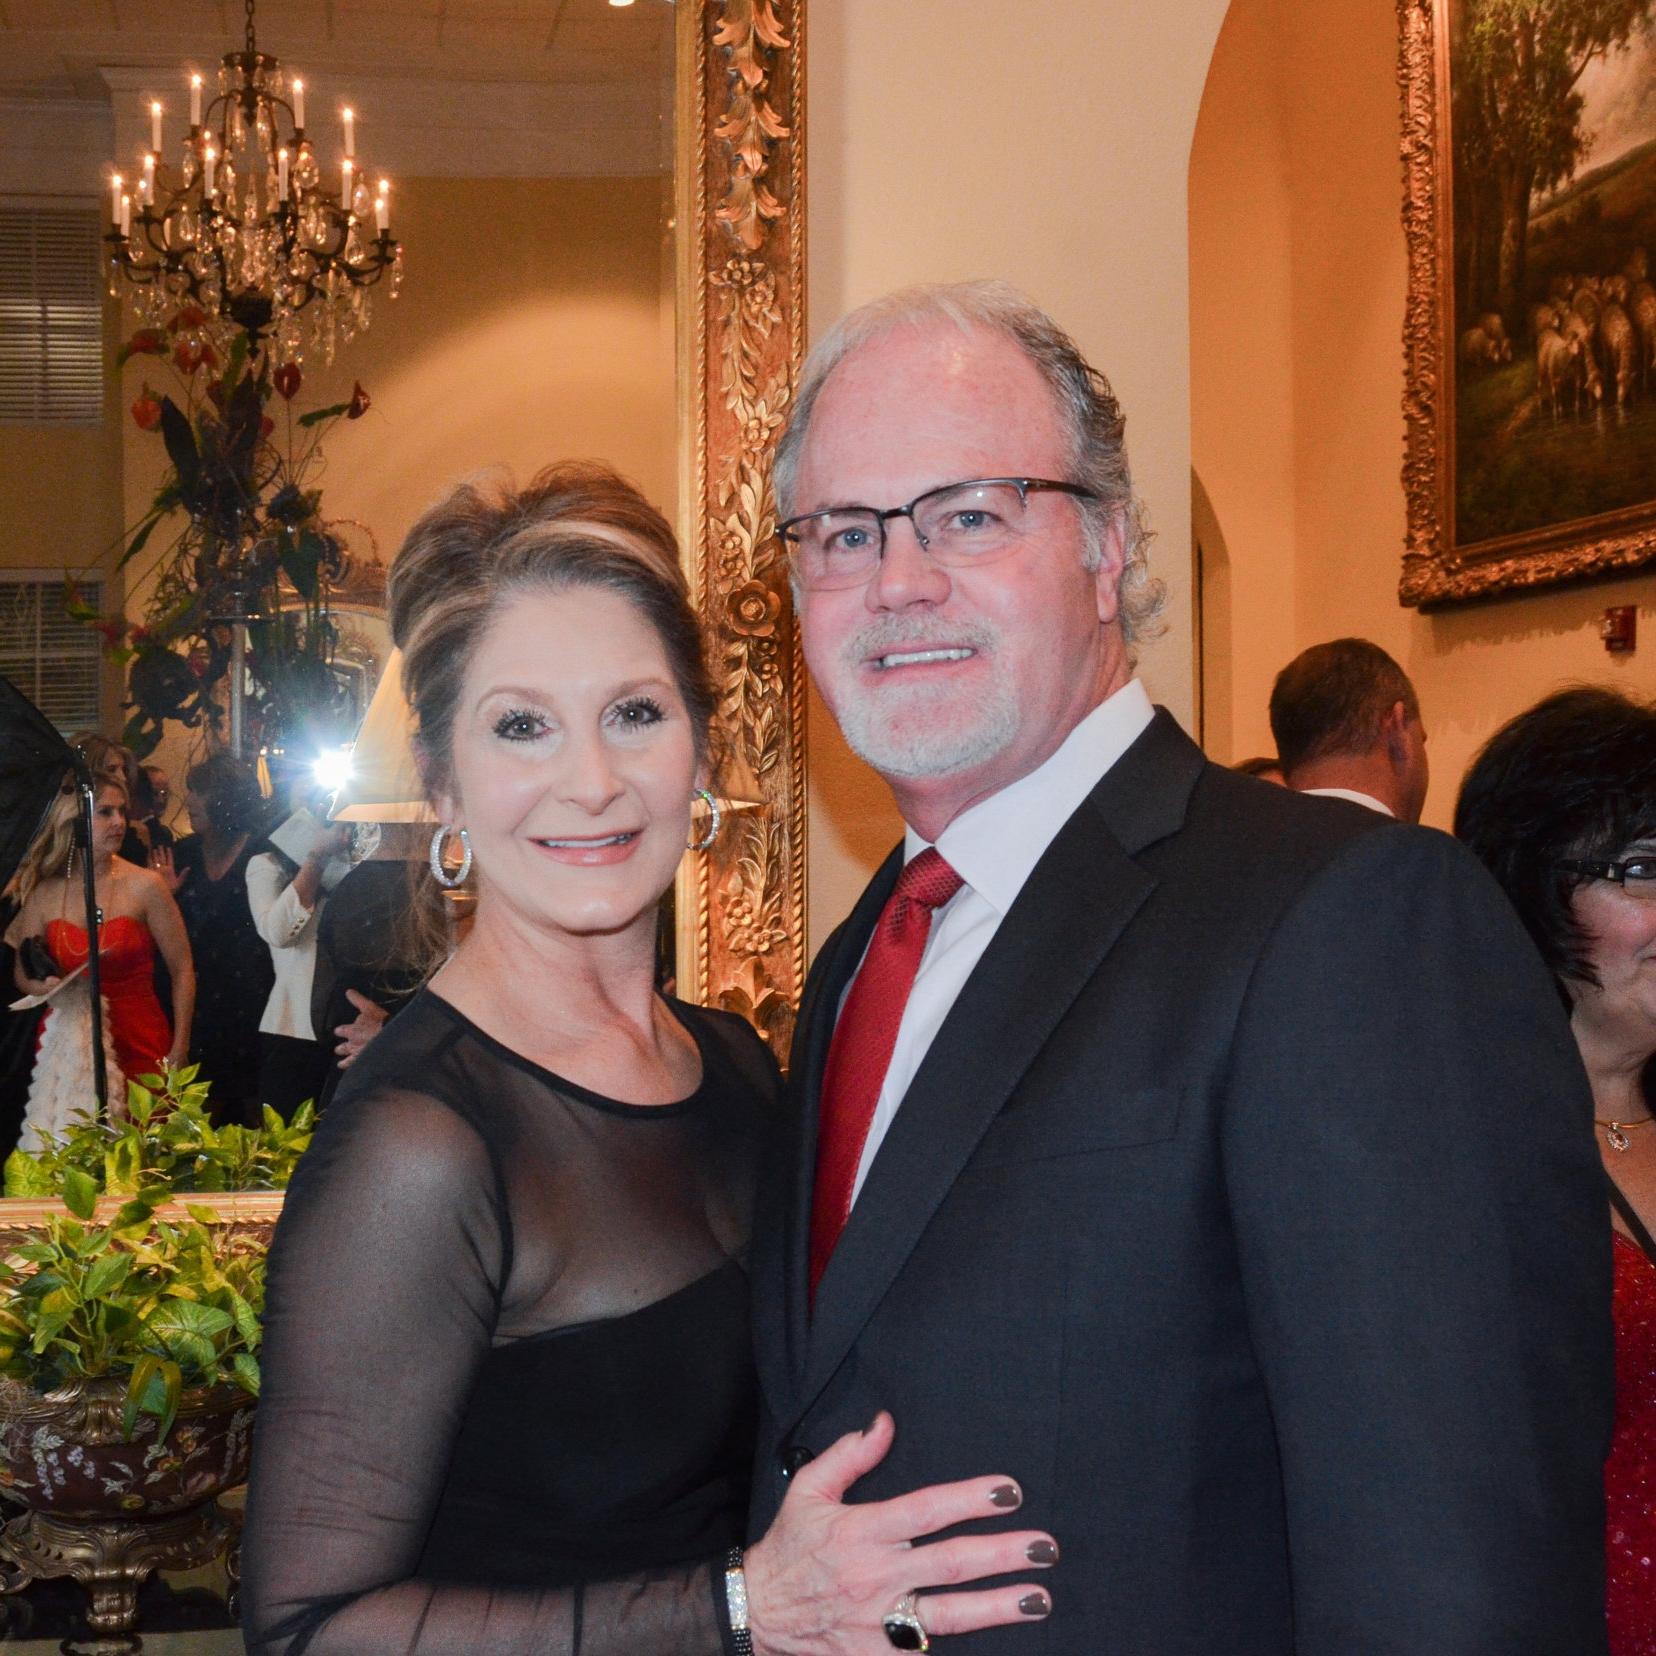 Terri and Shane Woodruff